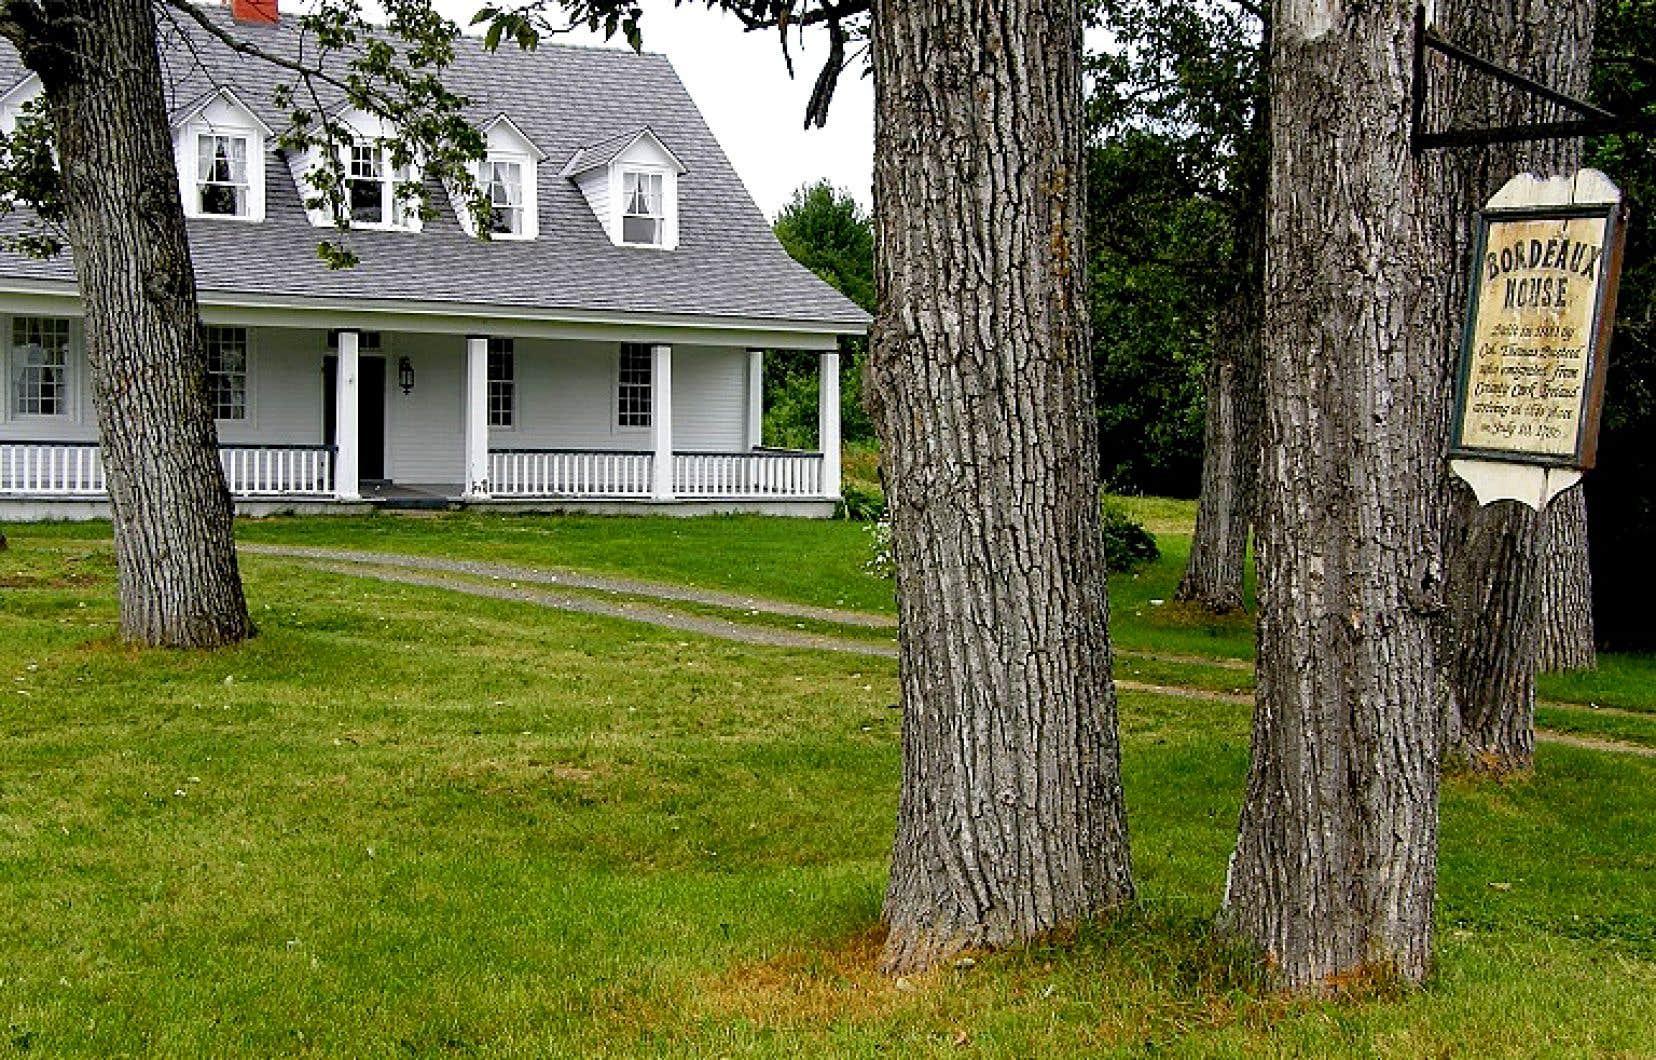 La maison Busteed présentait un intérêt patrimonial pour sa valeur historique. Cette demeure constituait un témoin de la colonisation de ce secteur de la Gaspésie par des colons d'origine britannique à la fin du XVIIIe siècle.